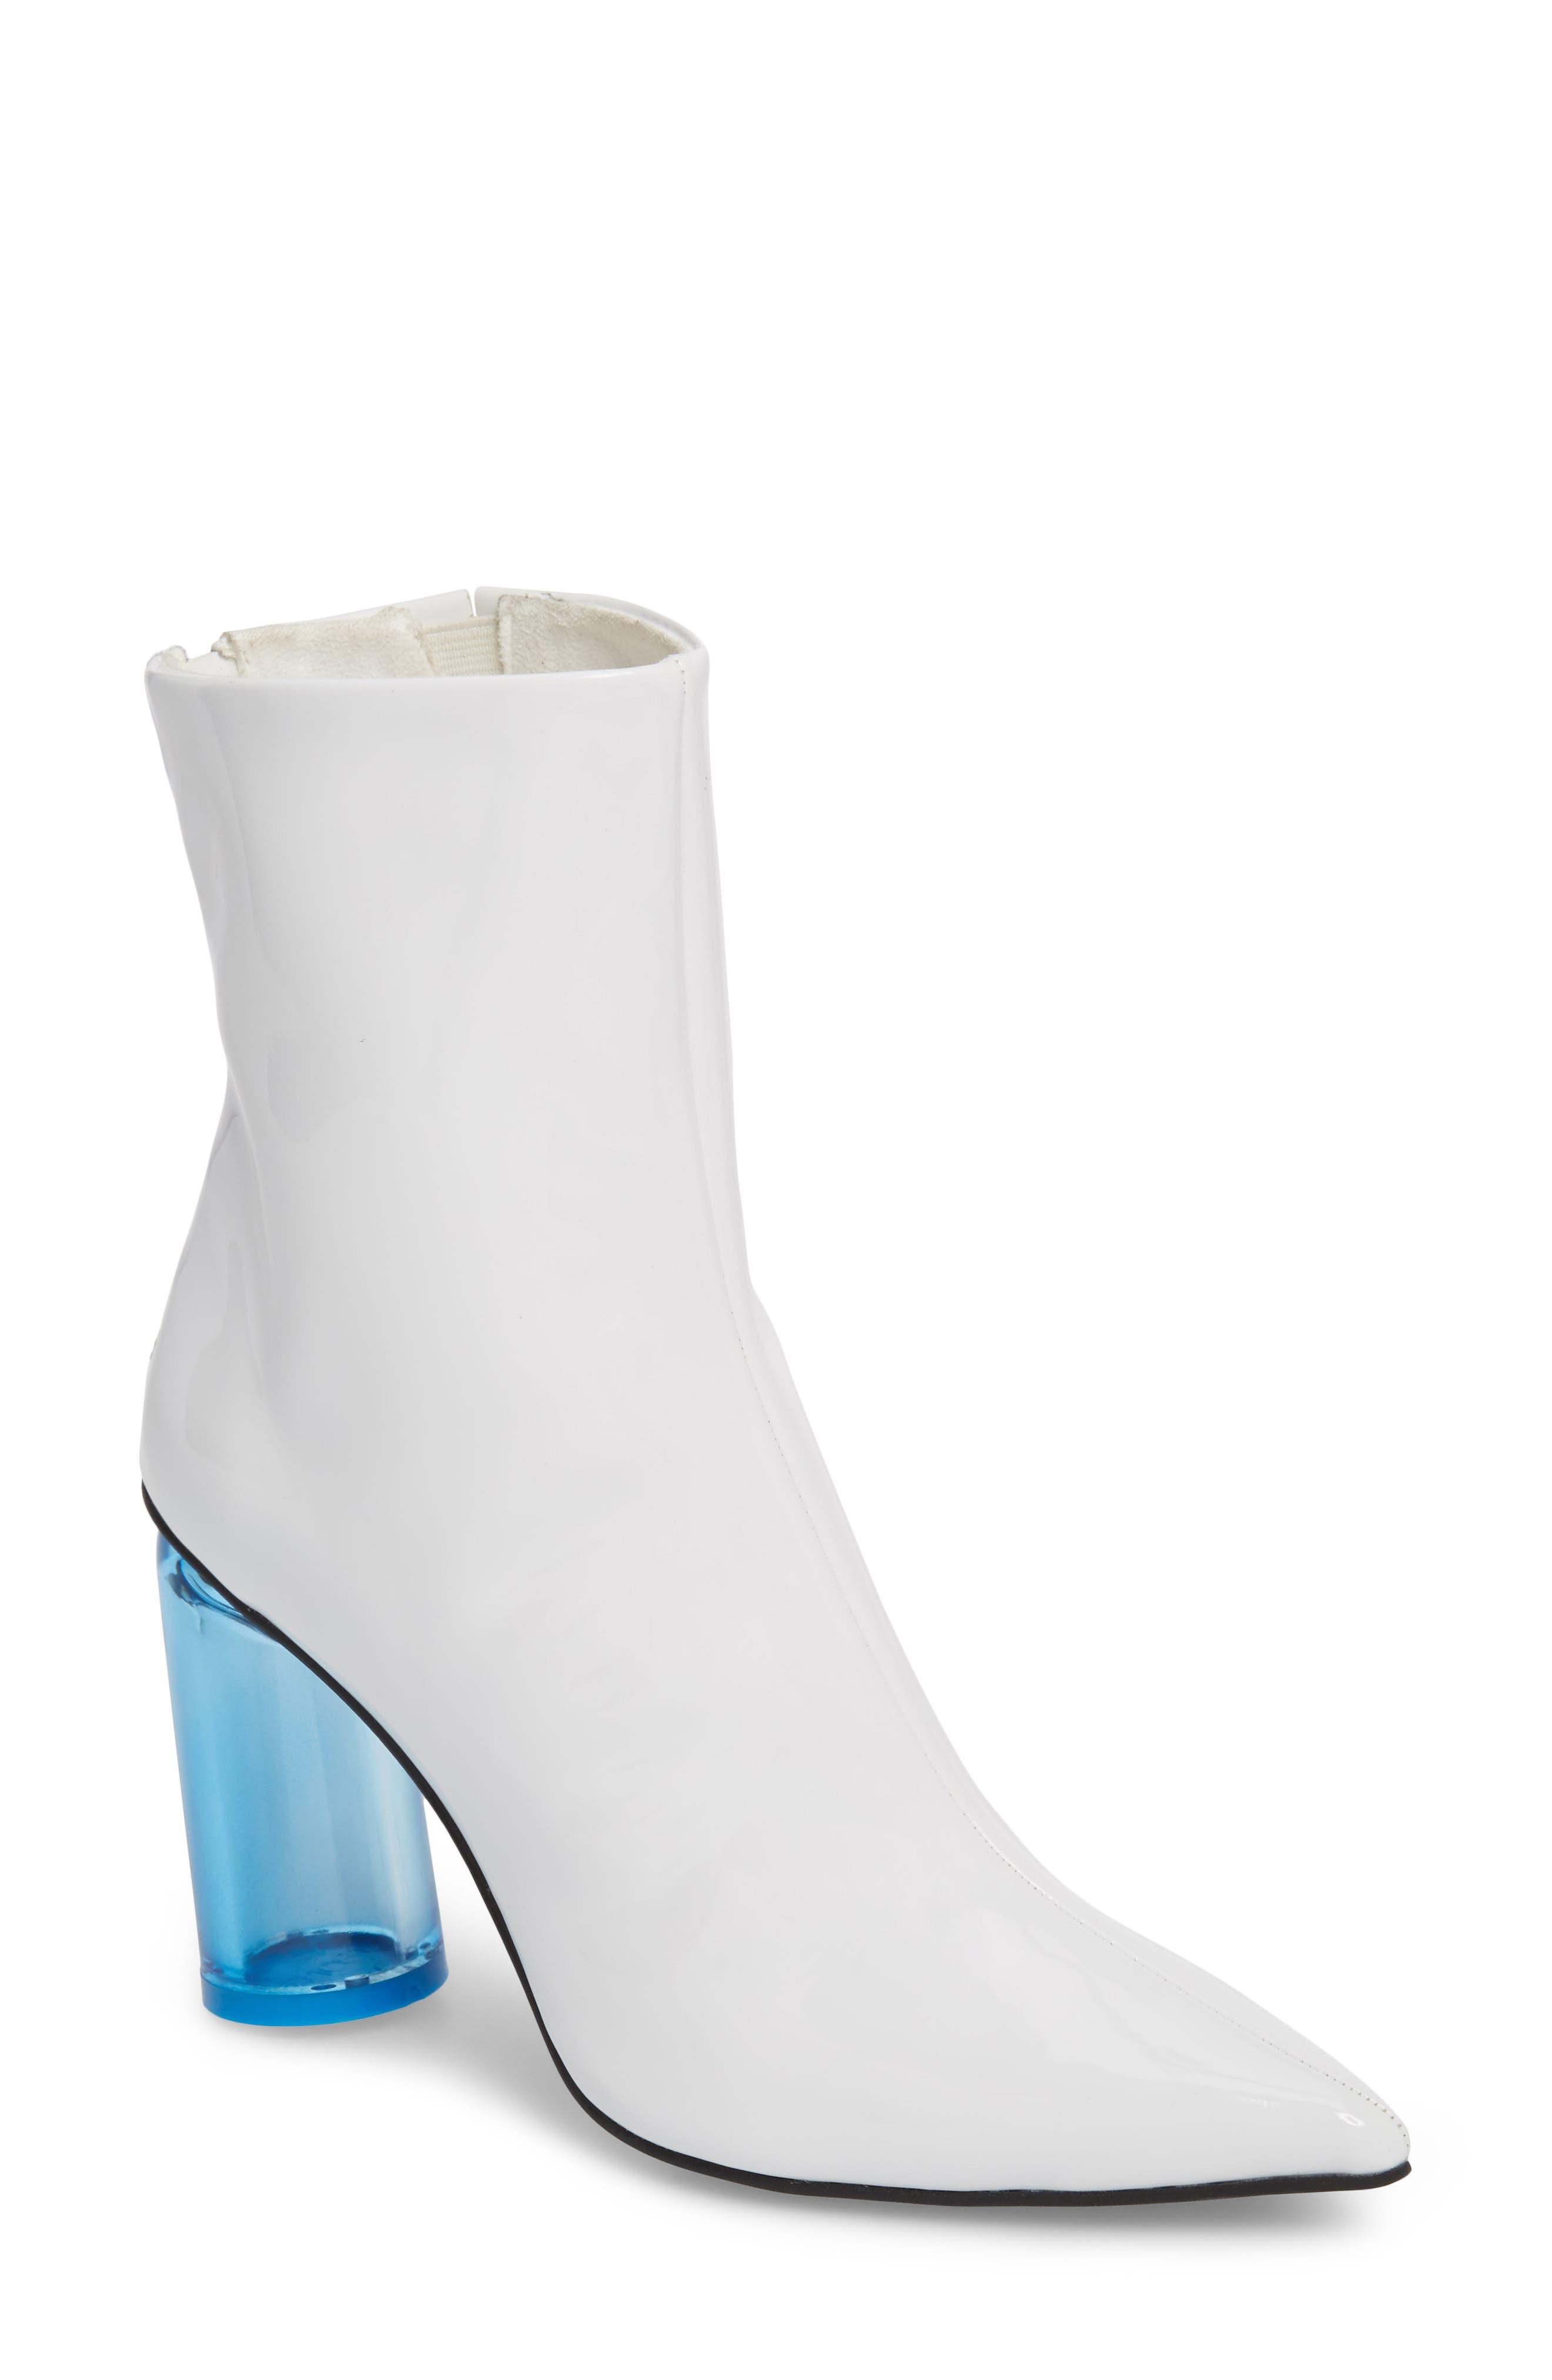 Alternate Image 1 Selected - Jeffrey Campbell Lustrous Column Heel Bootie (Women)